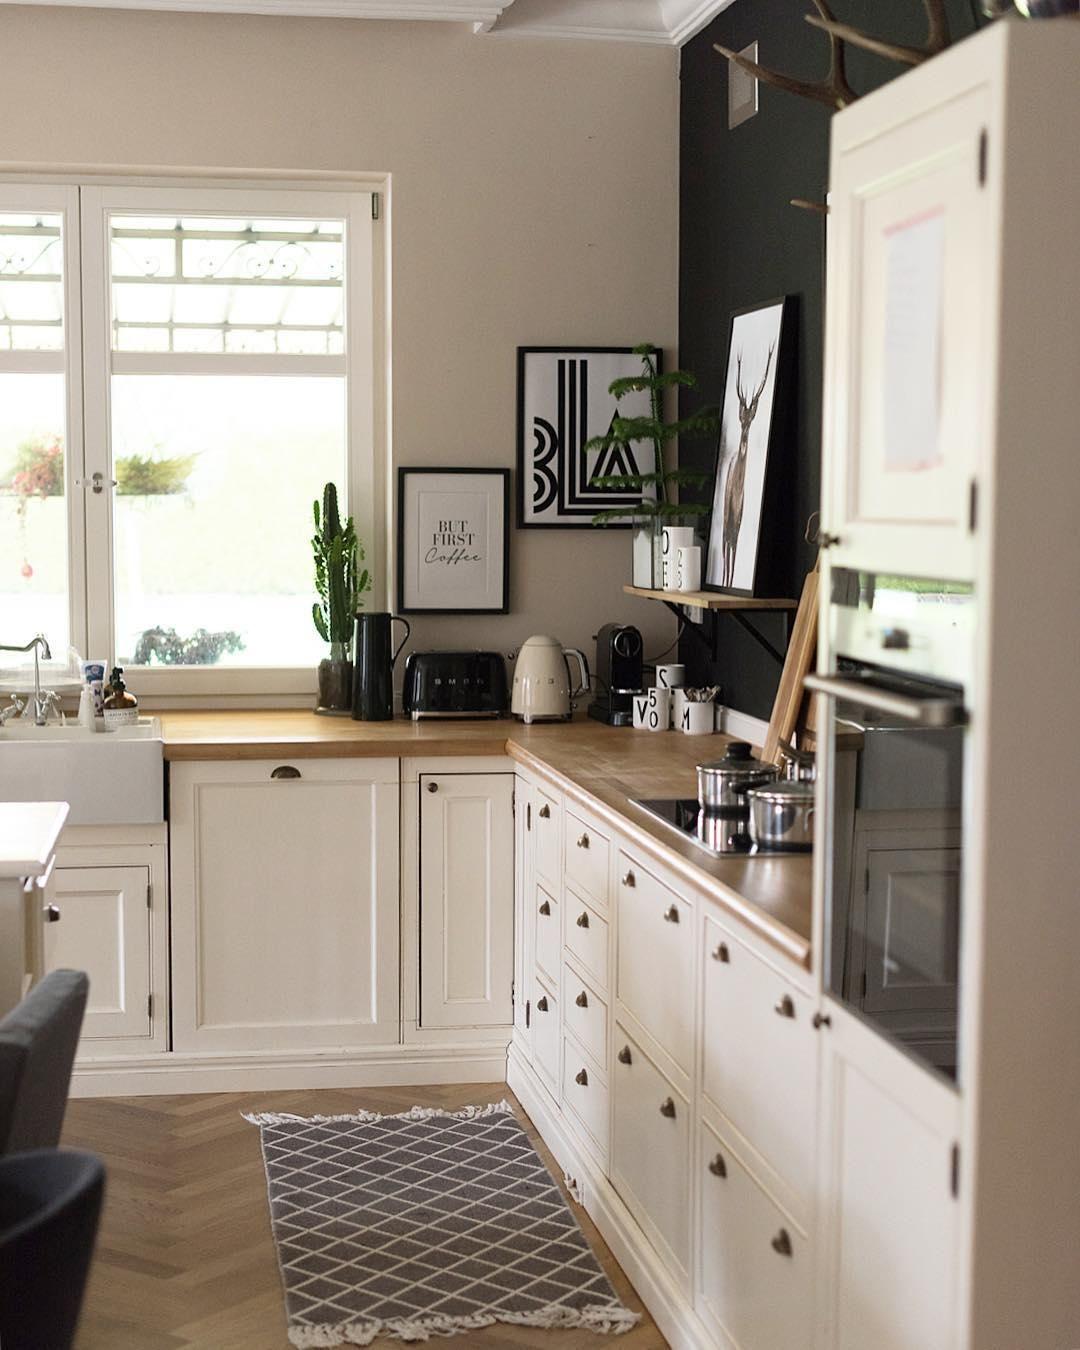 Exceptional In Unserer Küche Sind Viele Der Einrichtungs Gegenstände Vor Allem Nützlich  Und Bieten Uns Komfort Für Den Haushalt. Dennoch Legen Wir Wert Darauf, ...